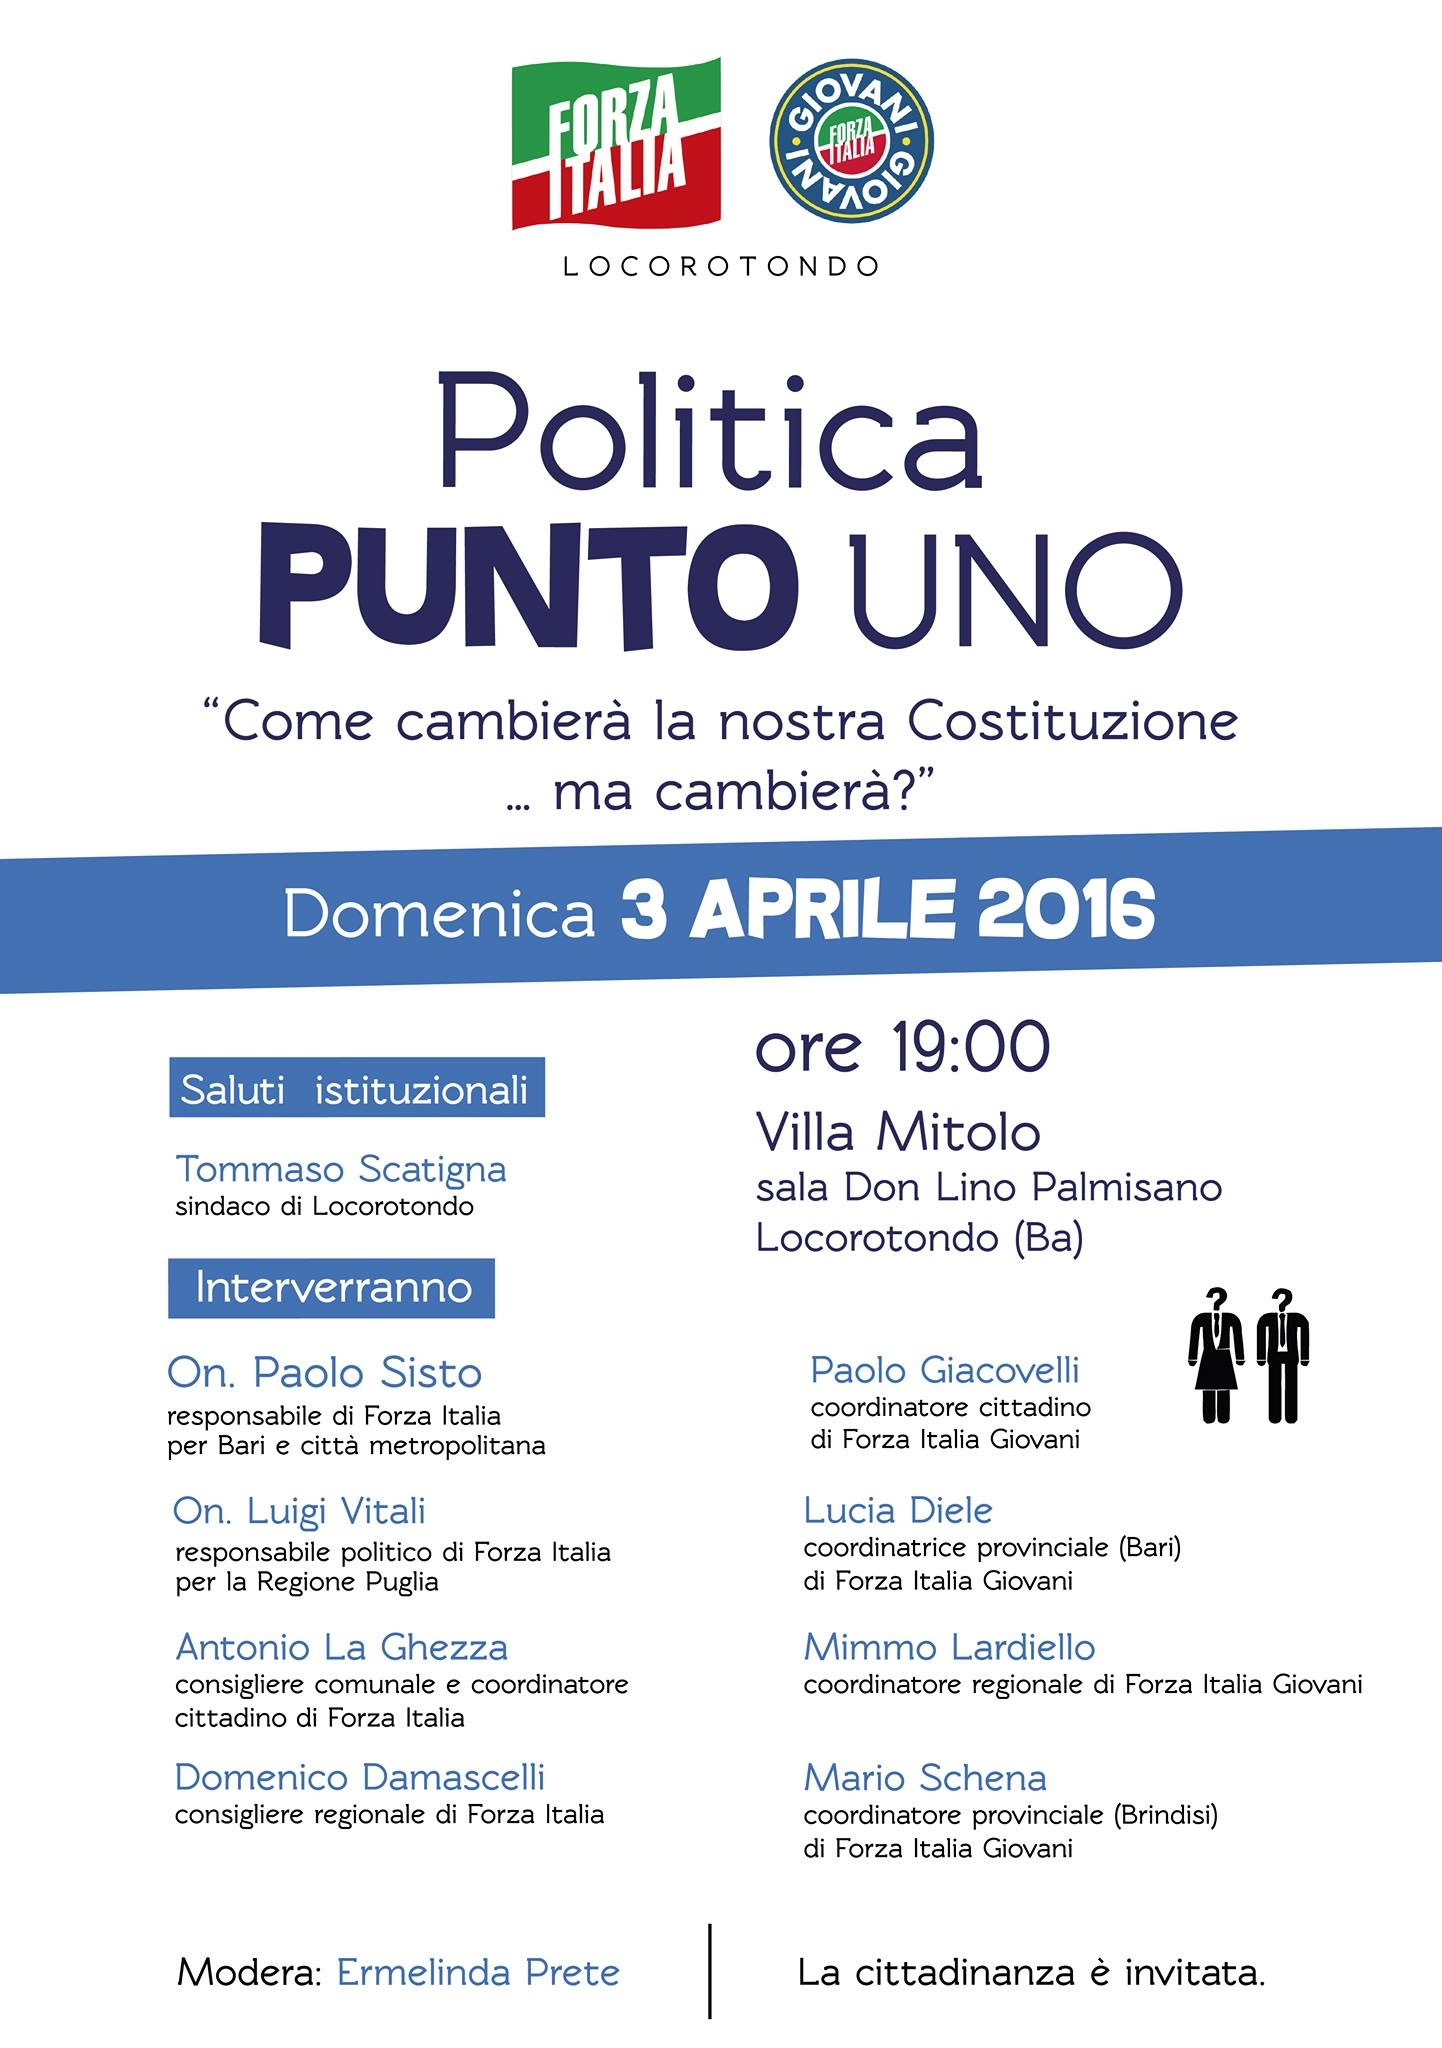 Partono gli incontri politici organizzati dal partito for Deputati di forza italia